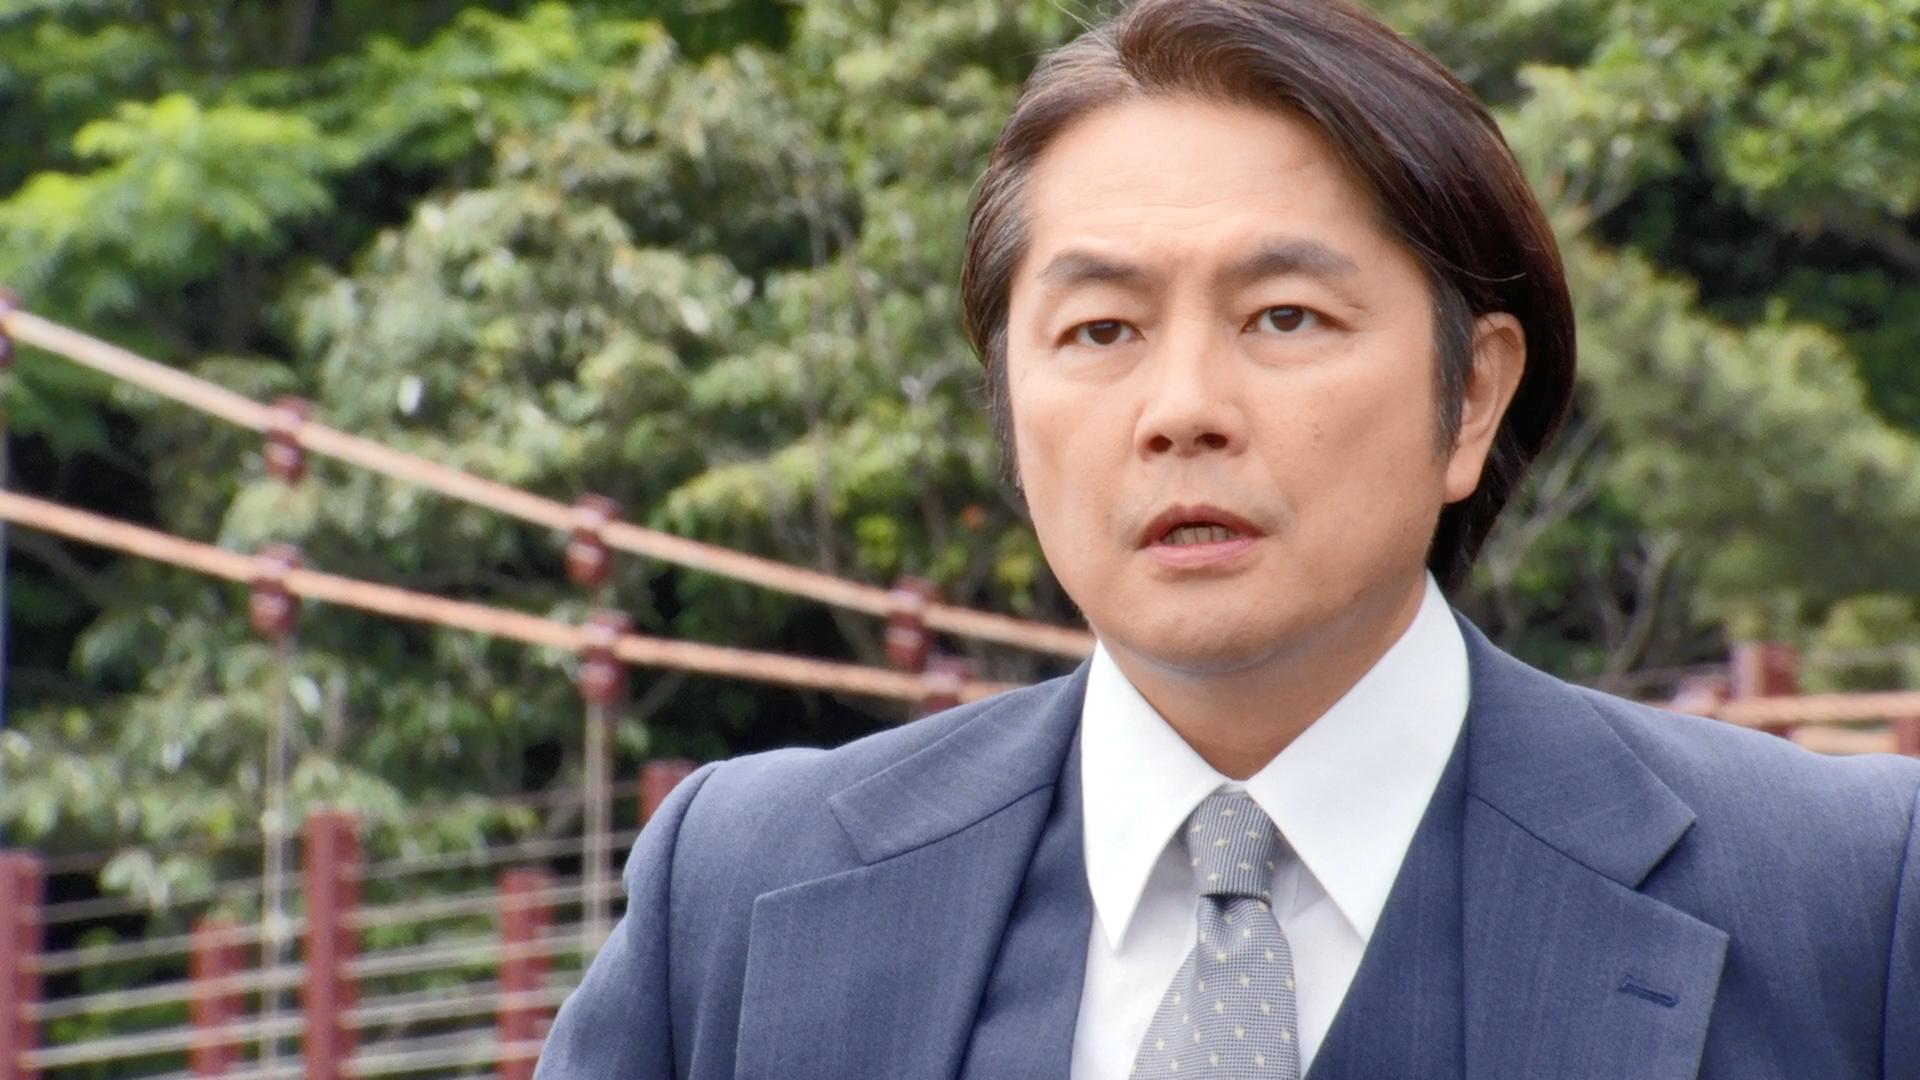 Shinichiro Natsume